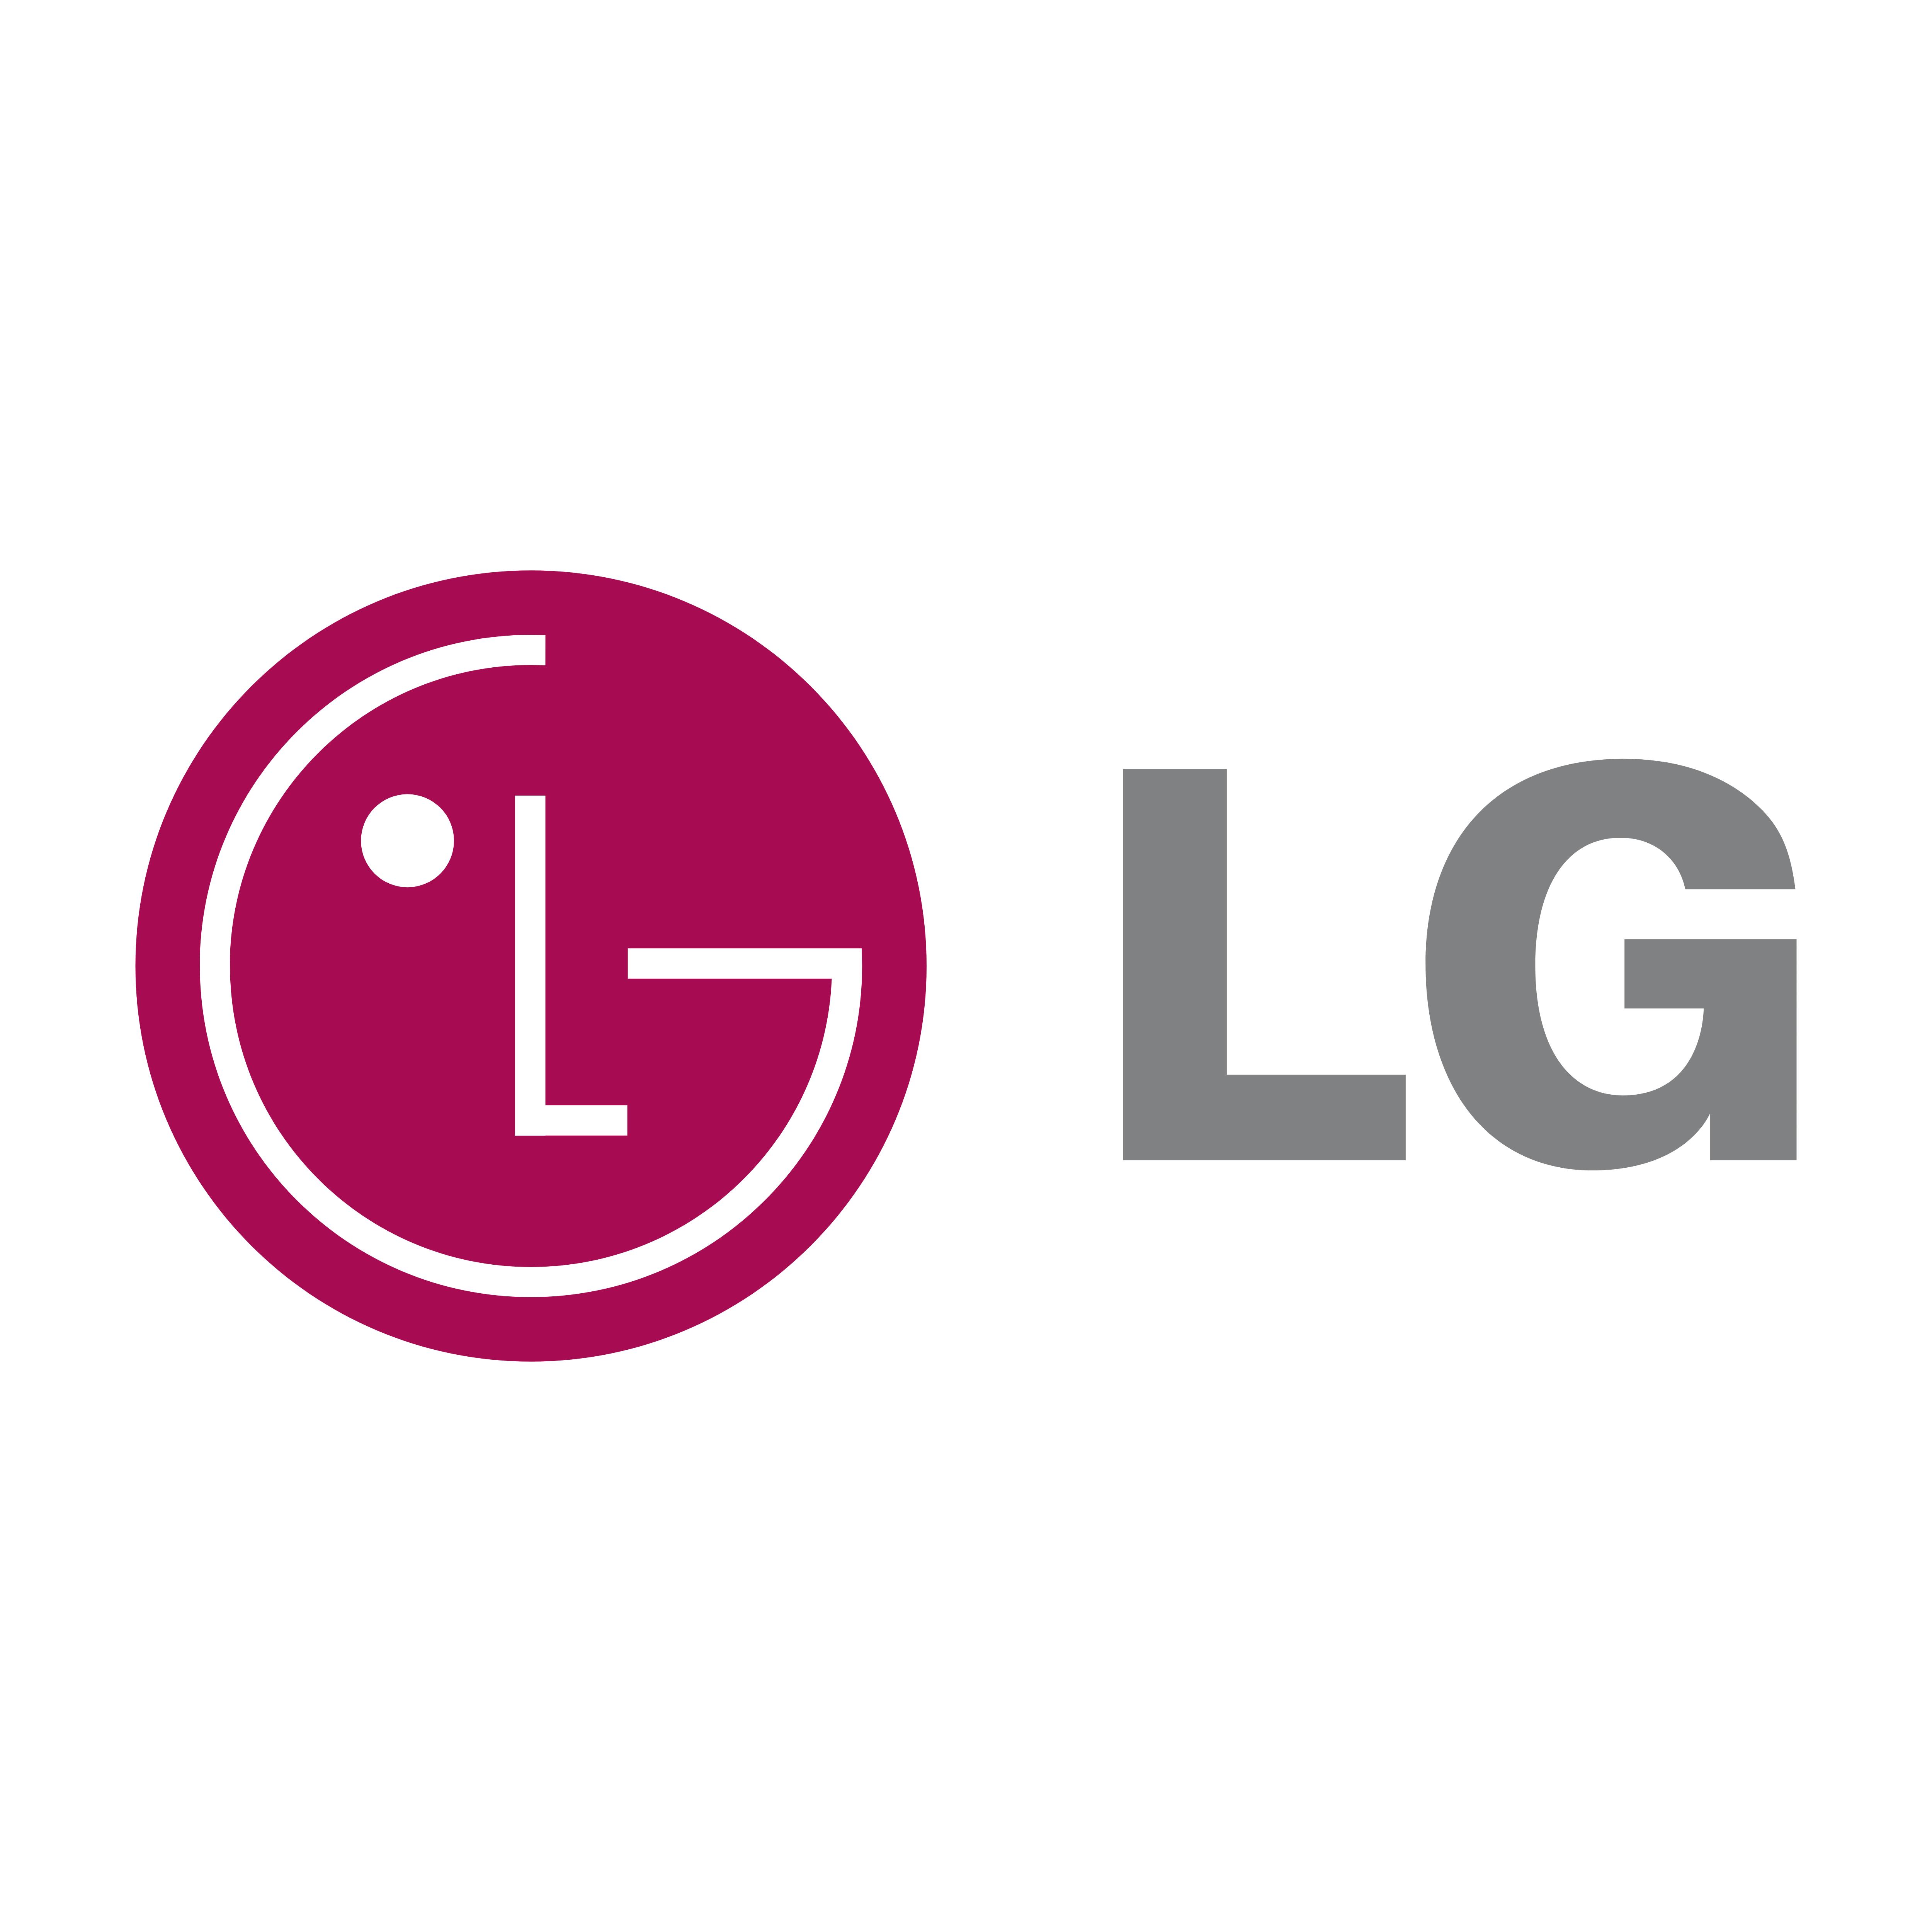 Lg Logos Download